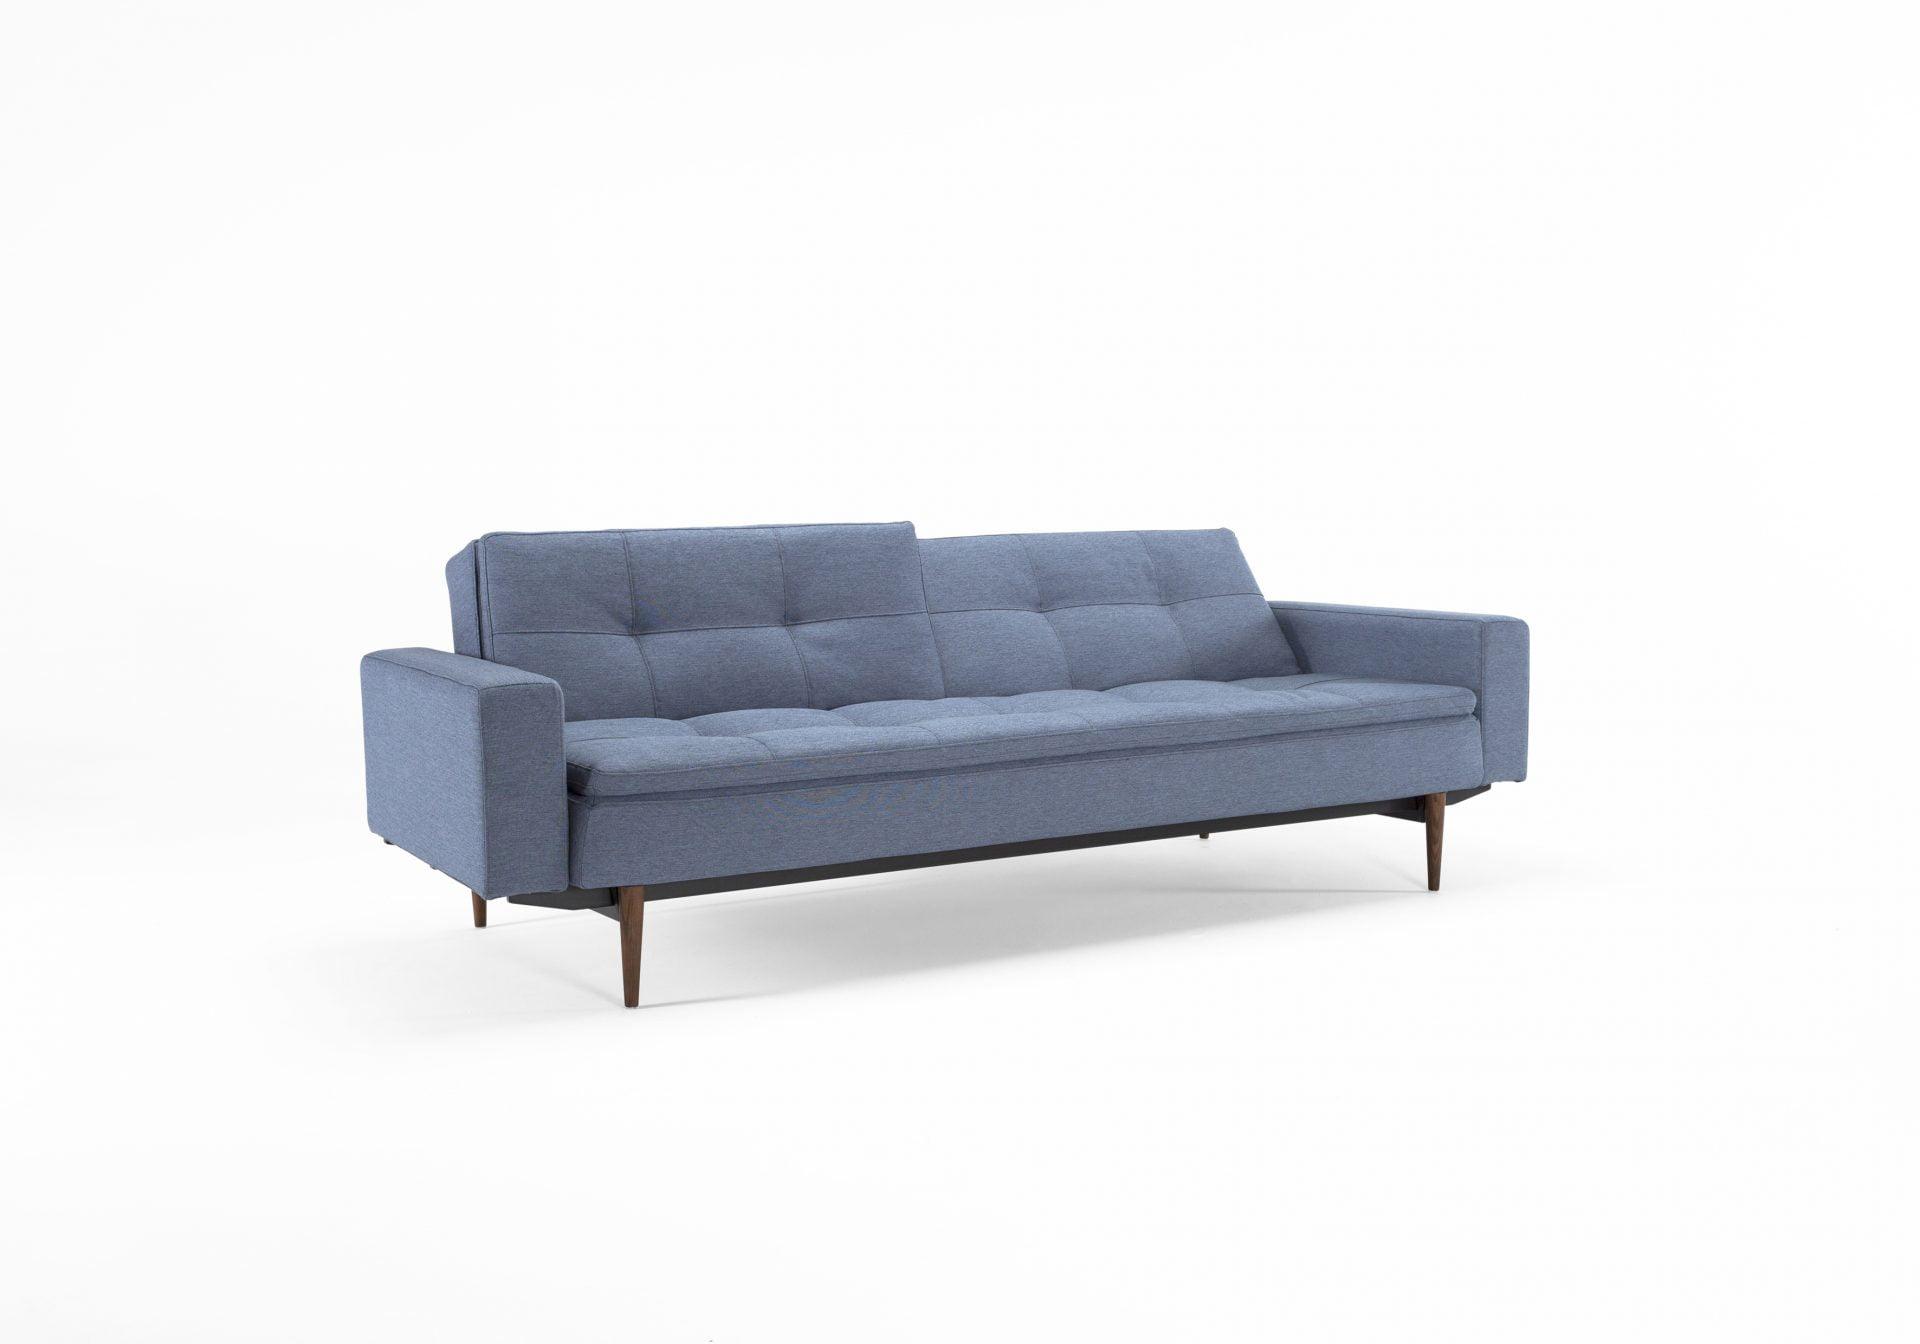 Innovation dublexo m armlener sovesofa sovesofaspesialisten as - Innovation sofa berlin ...